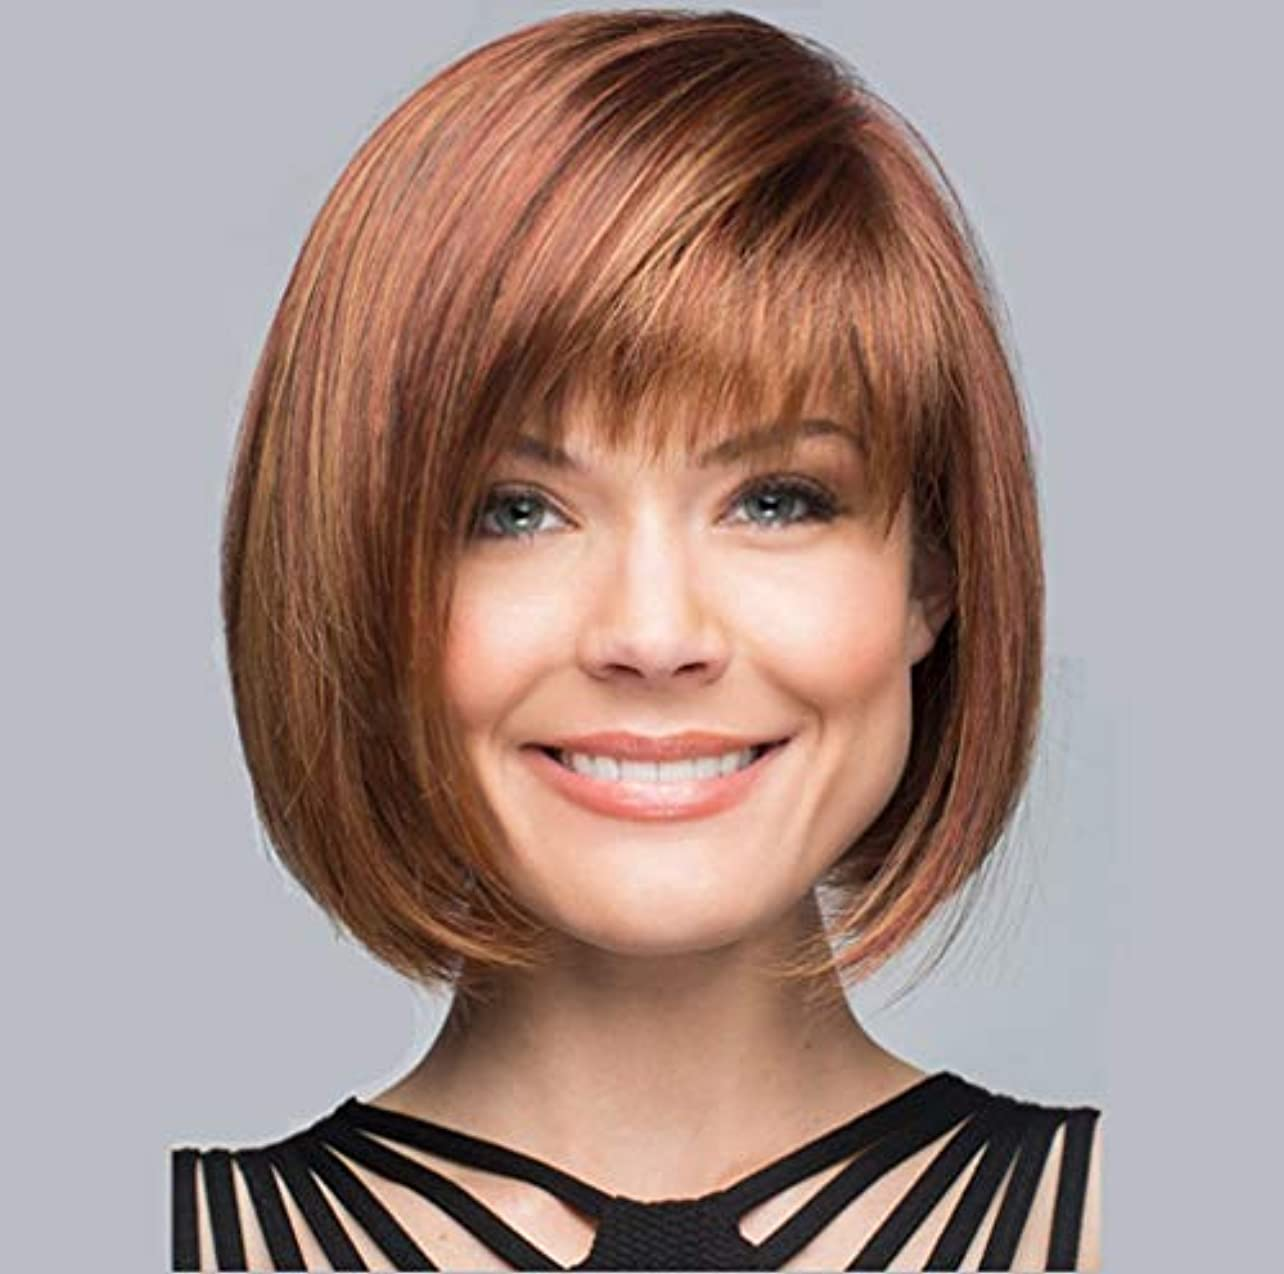 実際に器用鈍い女性かつらショートカール耐熱合成かつら150%高密度の毎日のパーティーハロウィンブラウン30cm